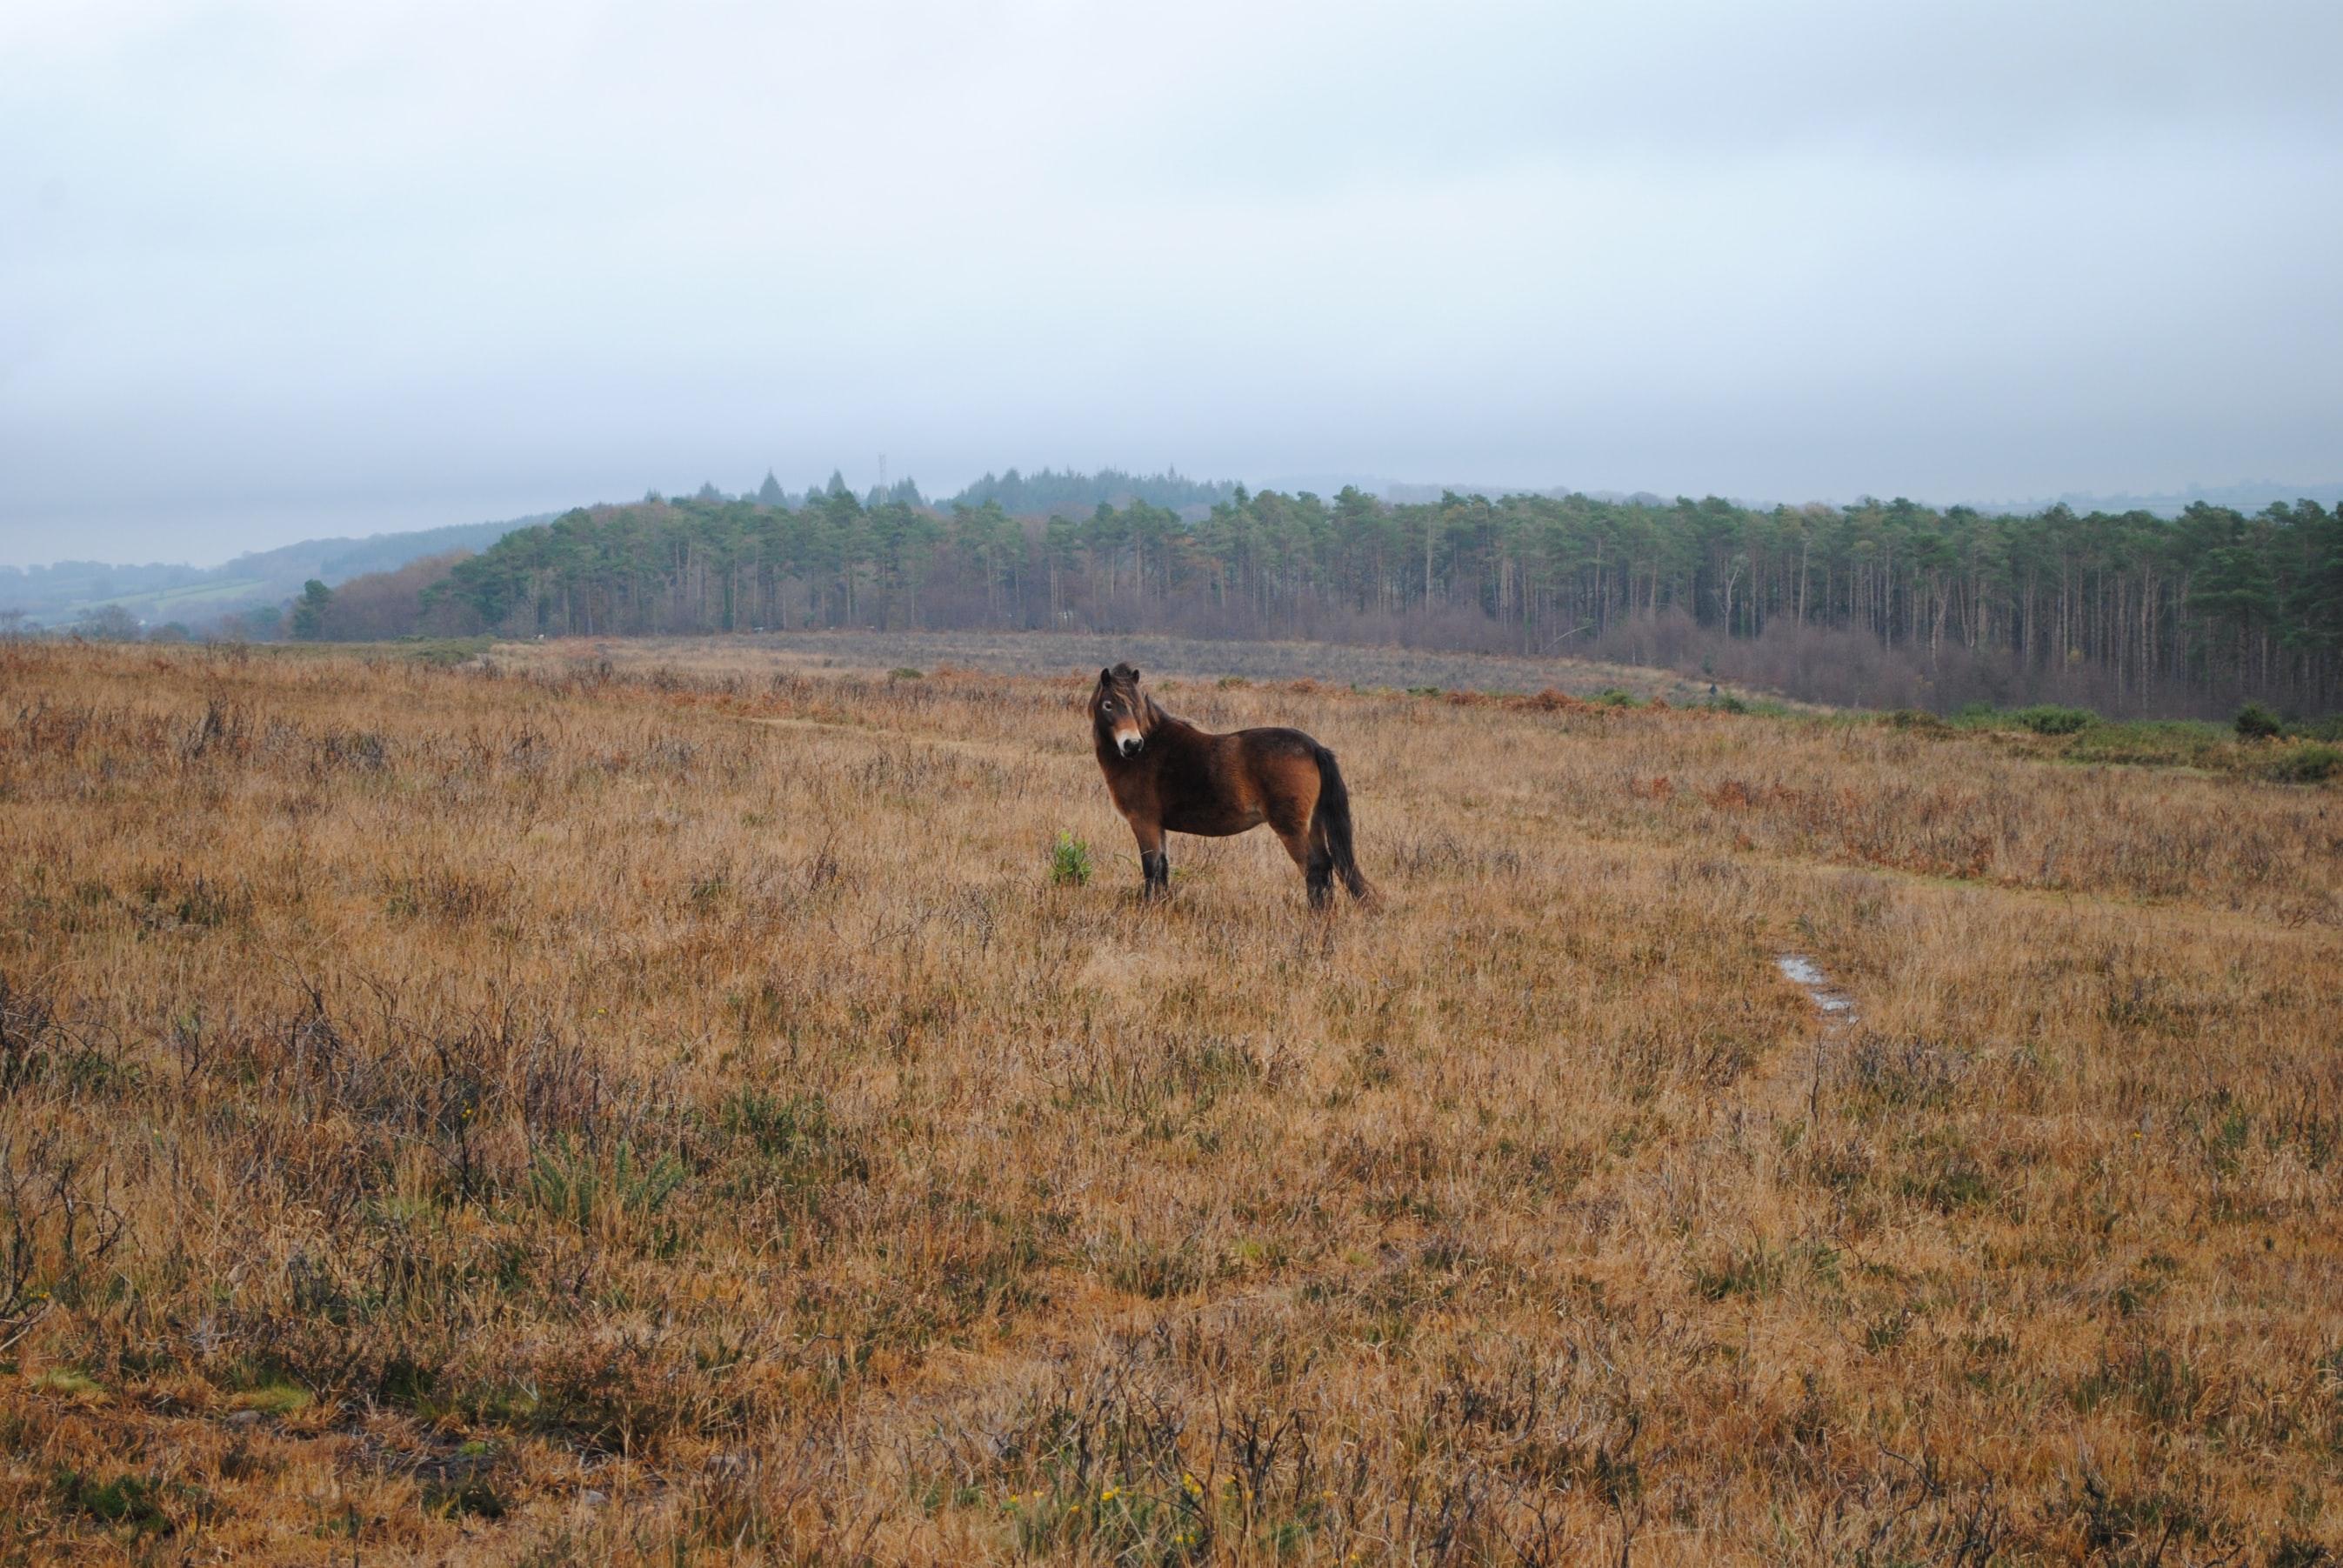 A brown Exmoor pony